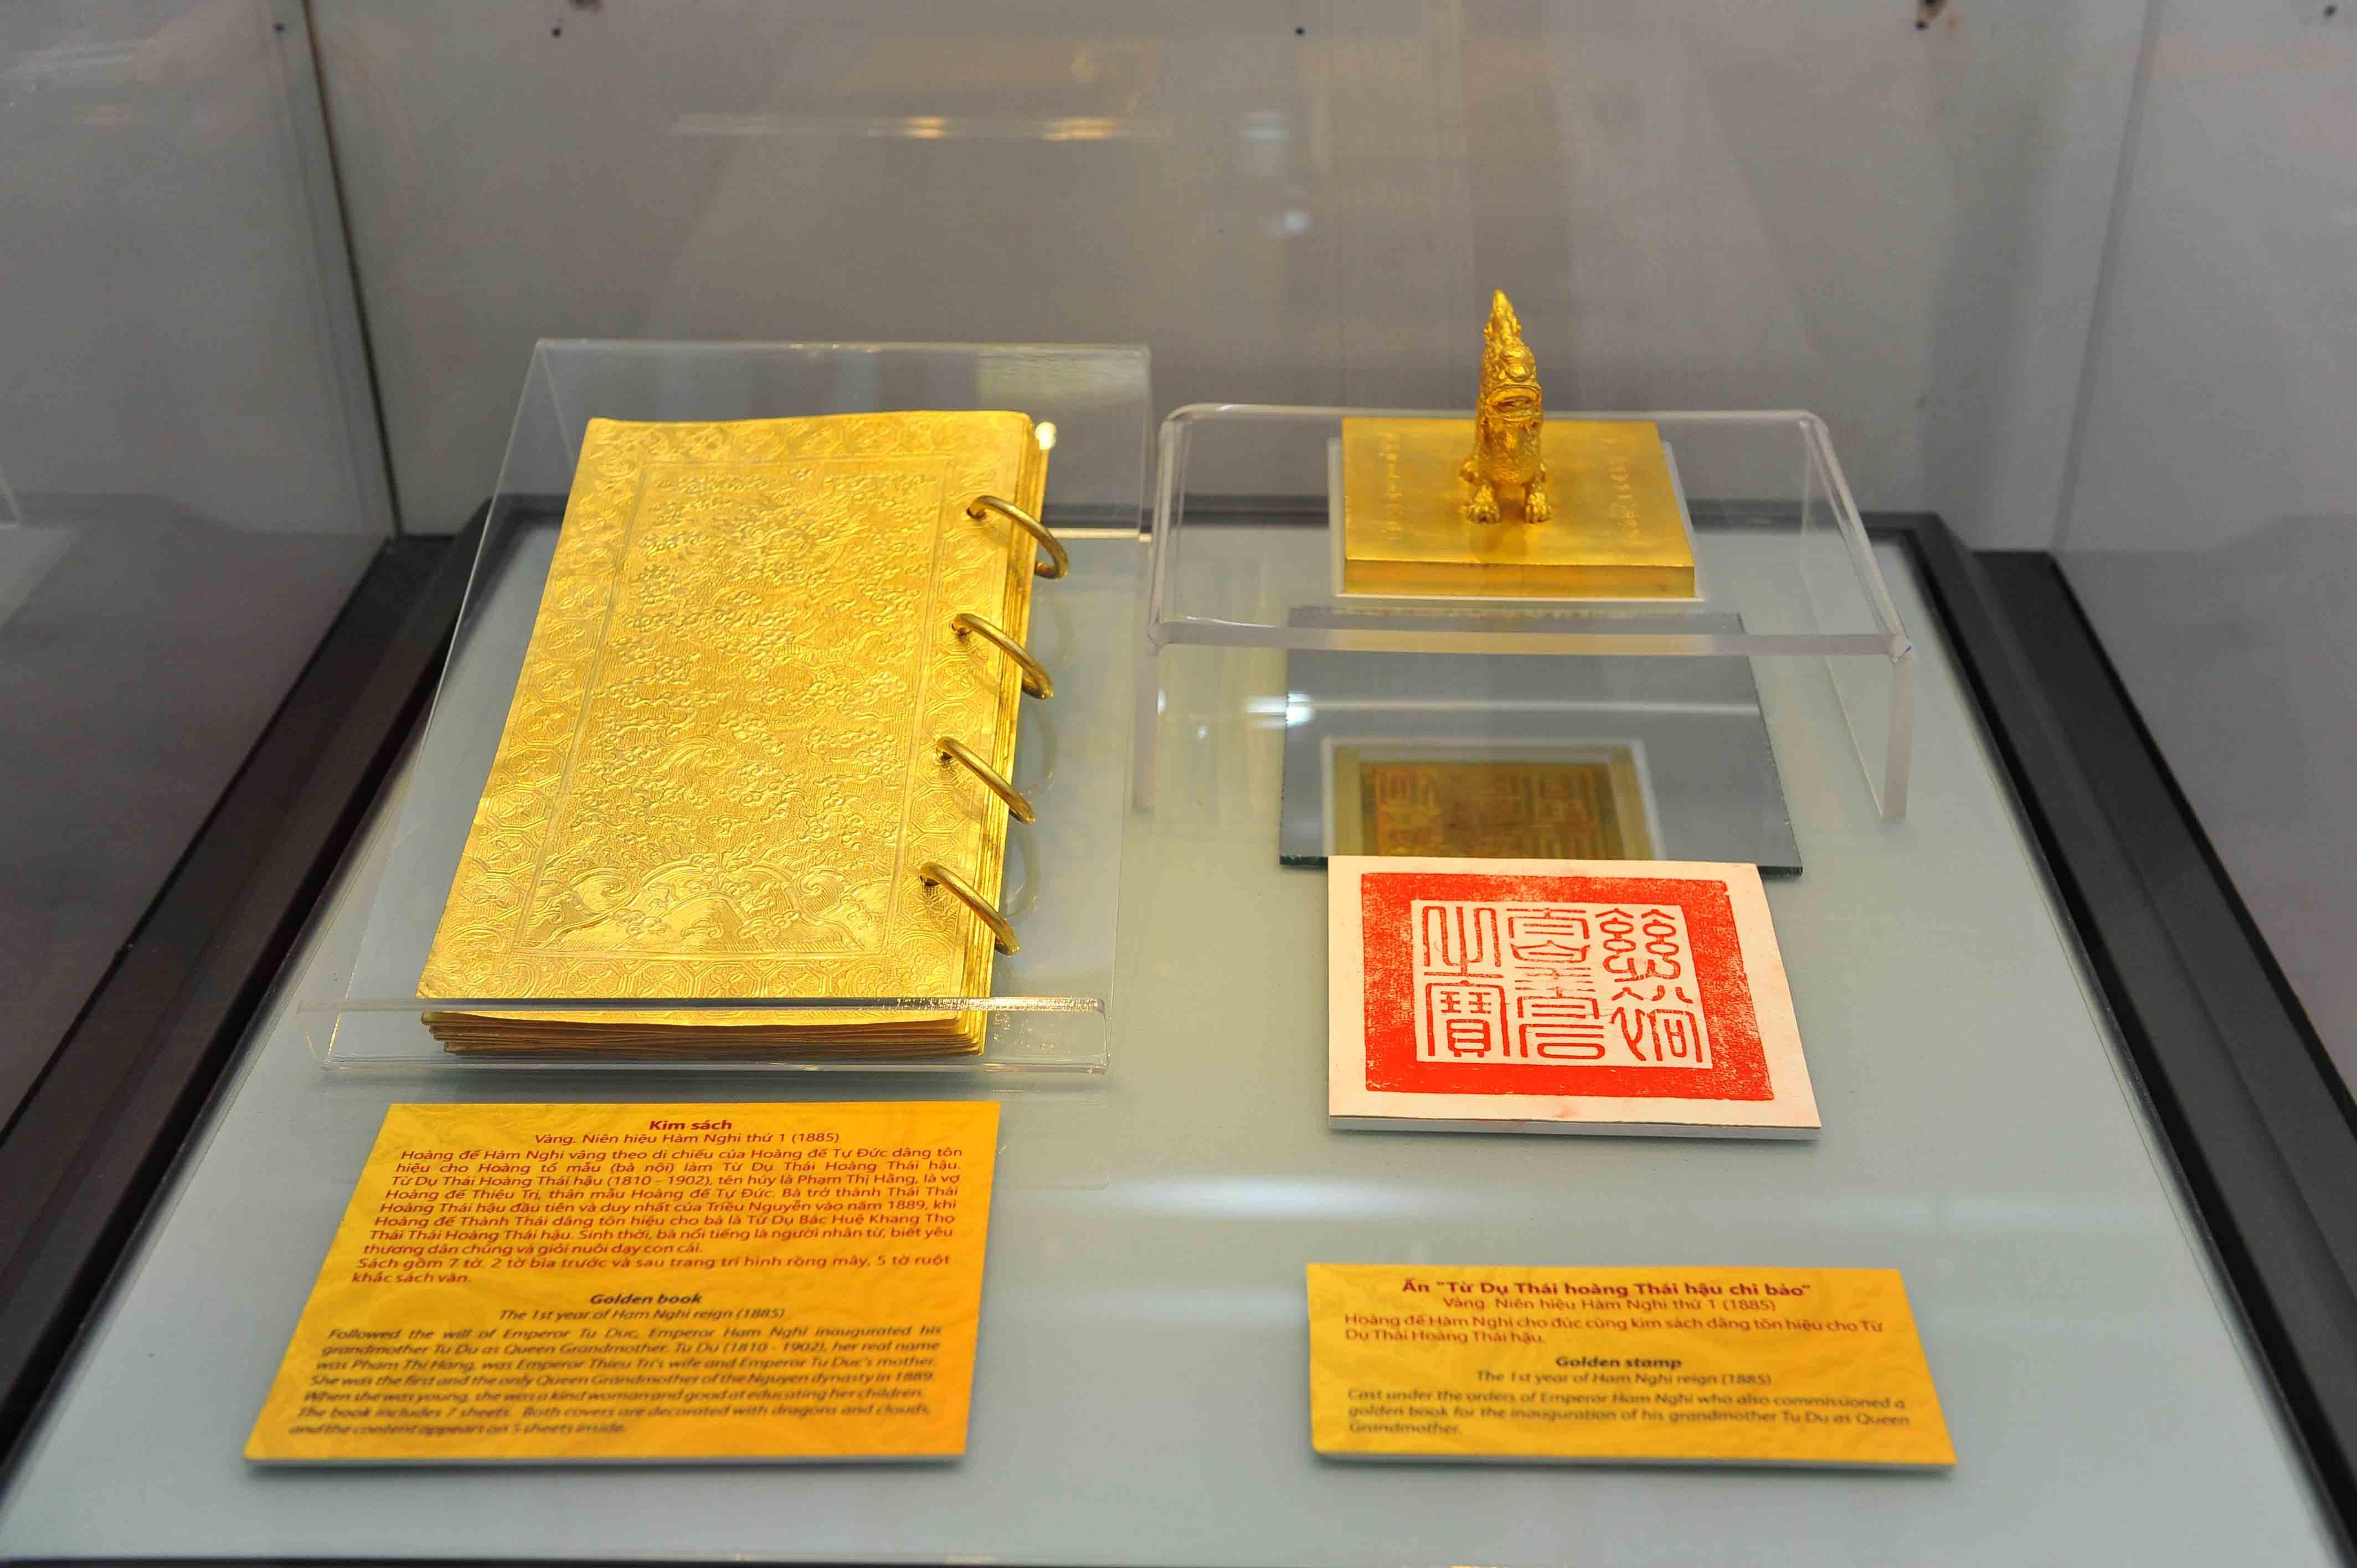 Cận cảnh bản kim sách bằng vàng và ấn bằng vàng của triều Nguyễn được trưng bày sáng 31/3.